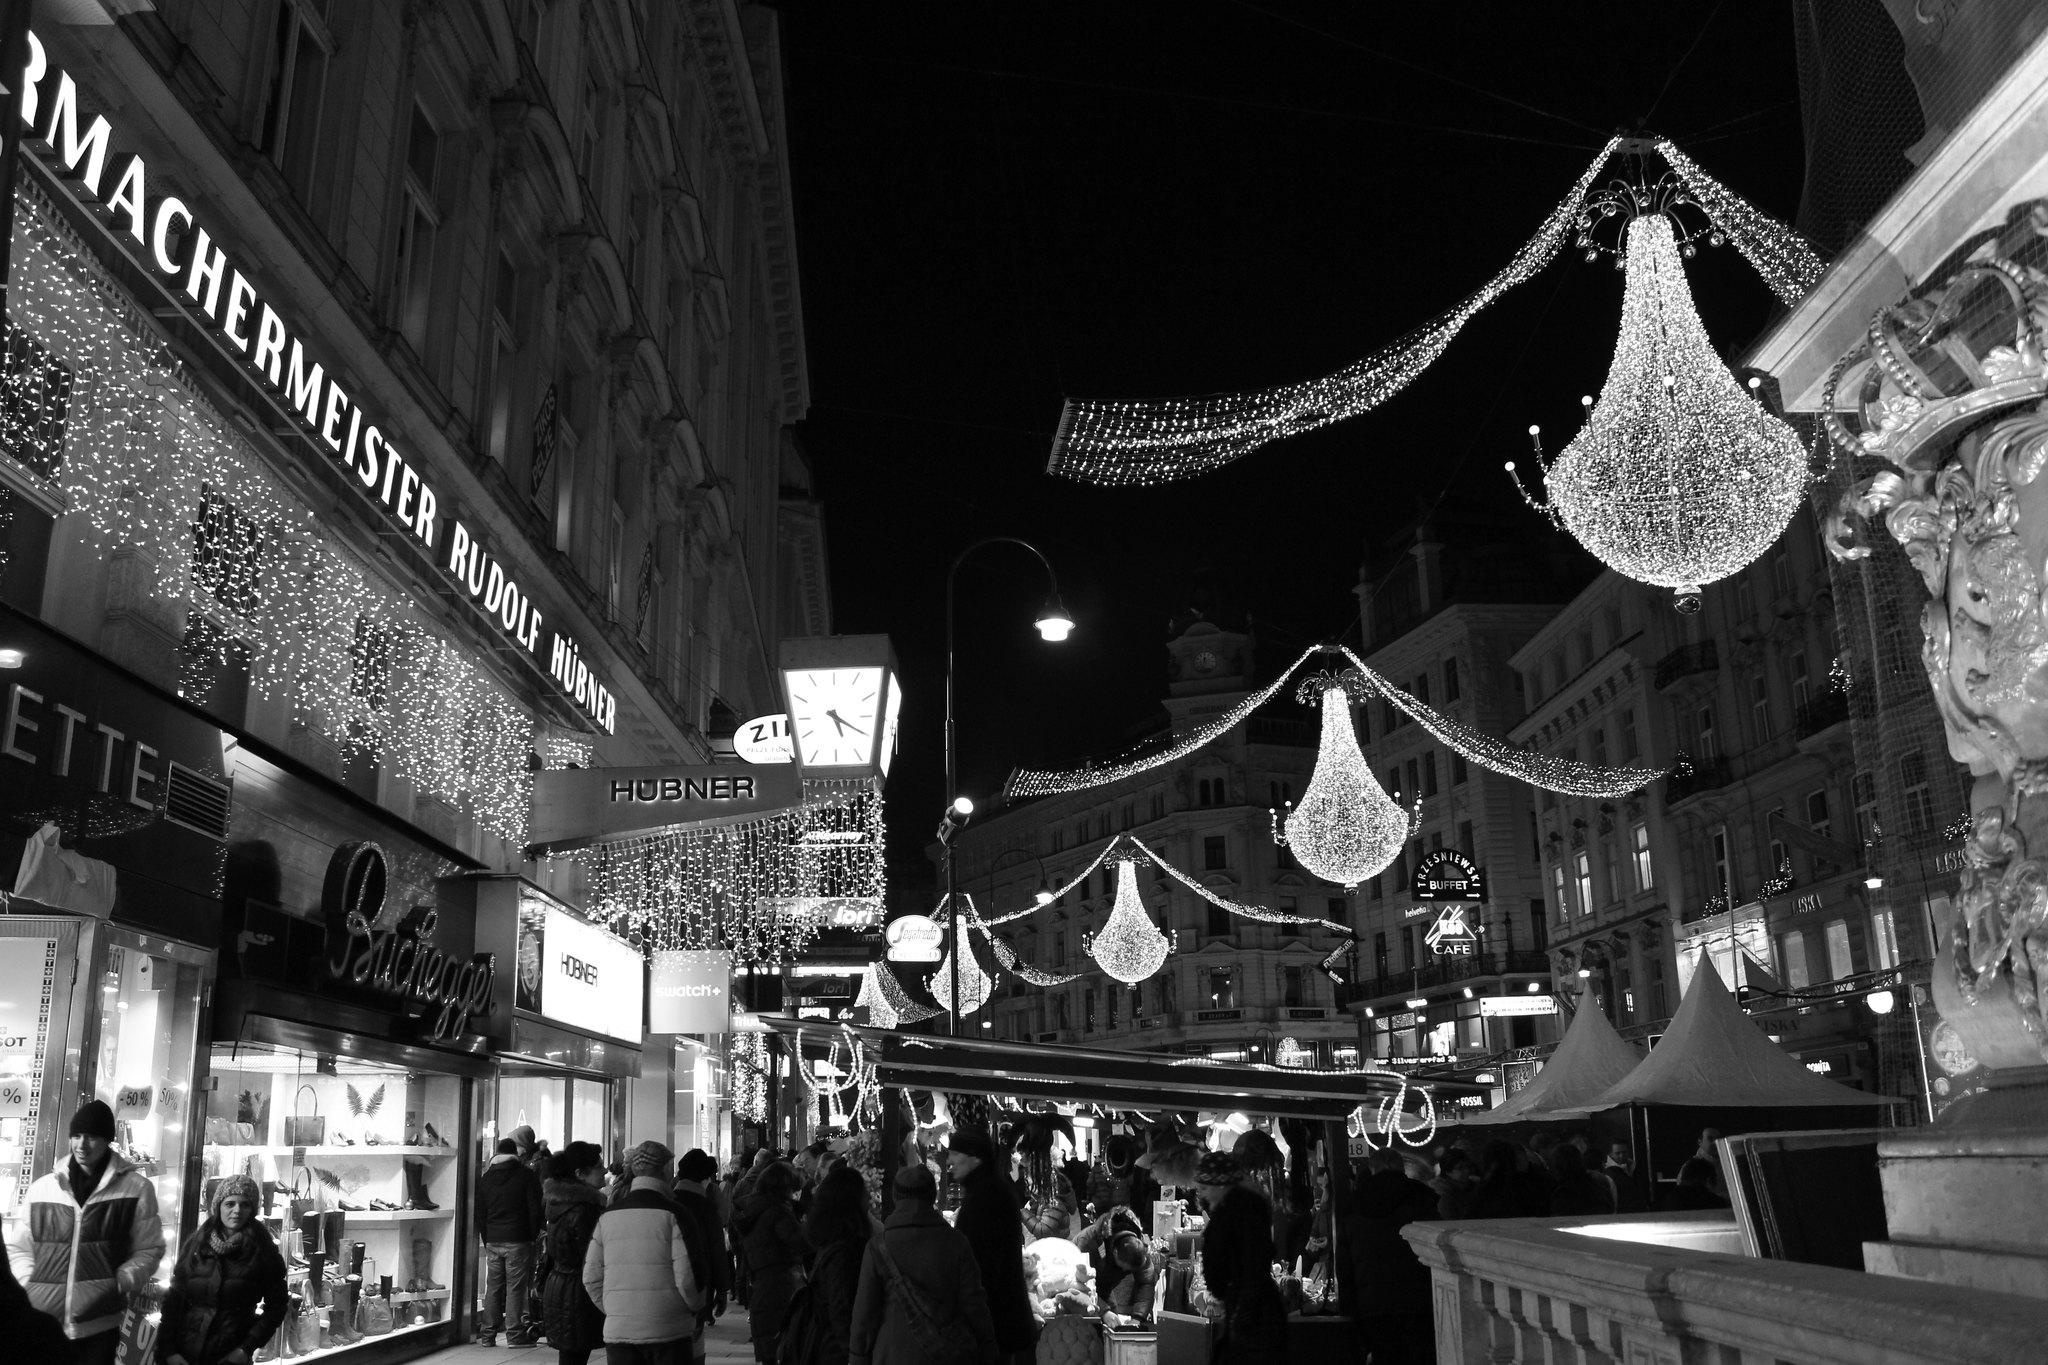 Hotel con cenone di Capodanno a Vienna